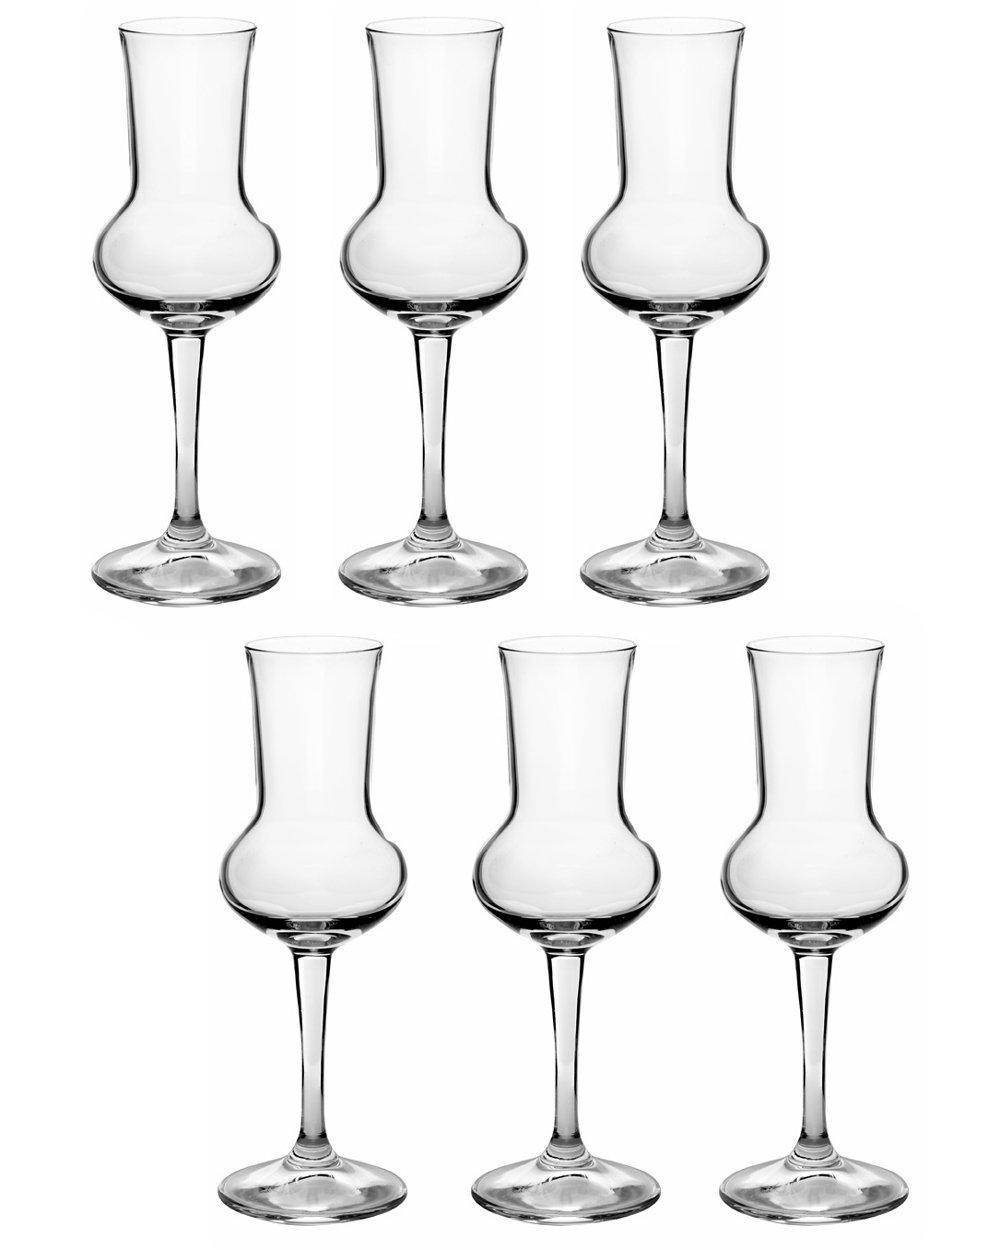 Bormioli Rocco Riserva Grappa 80ml, with filling mark at 2cl, 6 Glasses